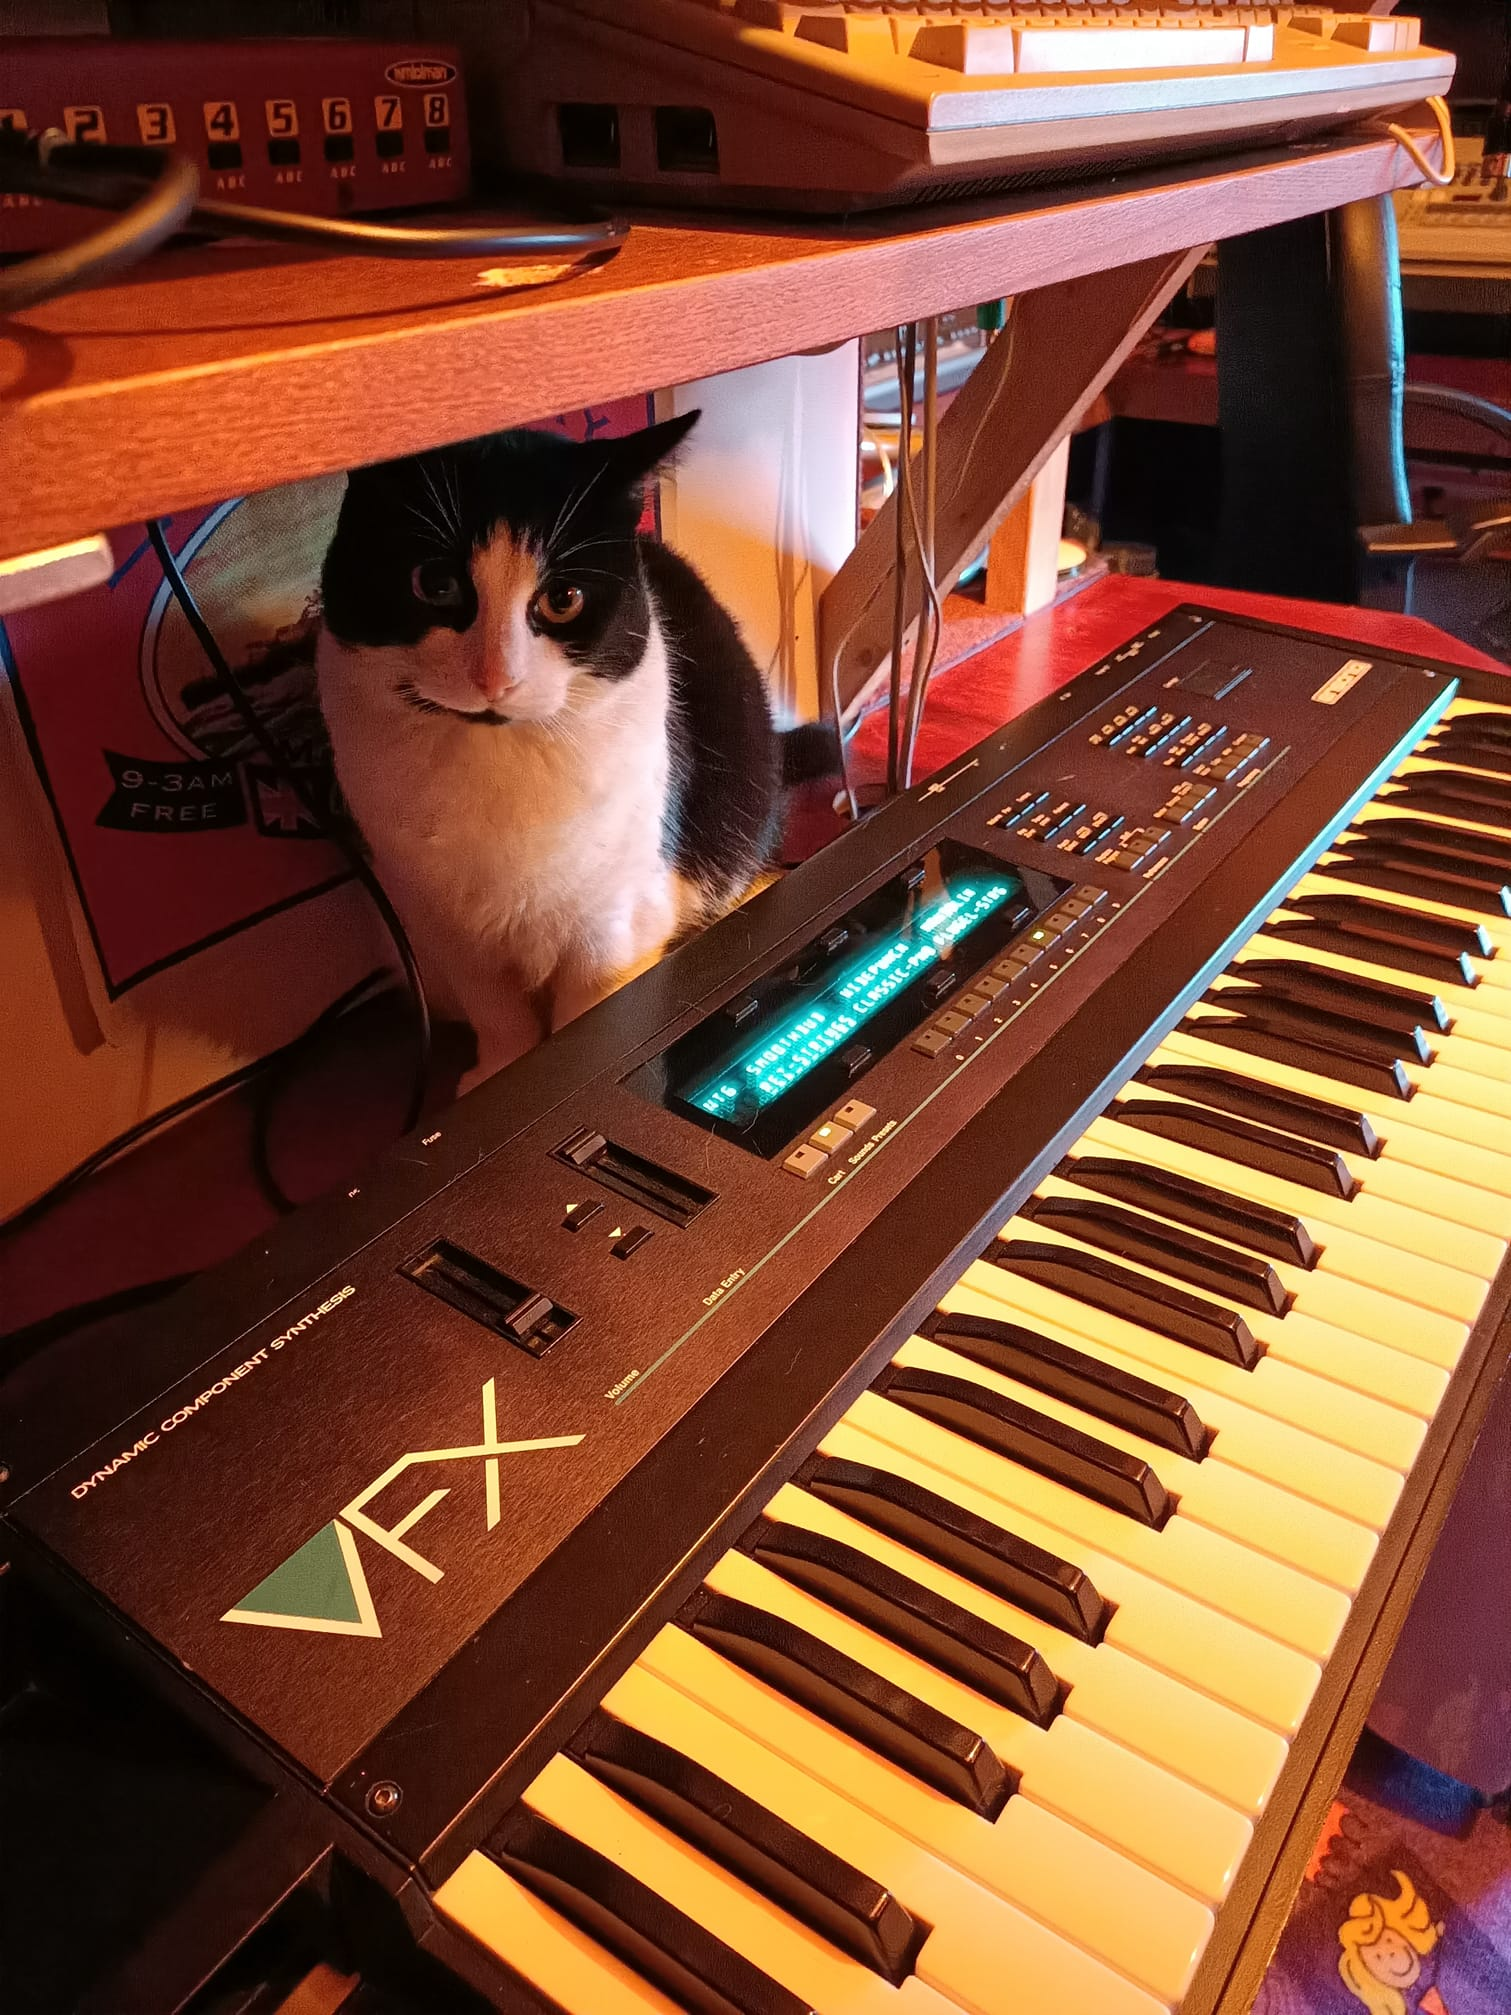 Pinkie the cat and Ensoniq VFX